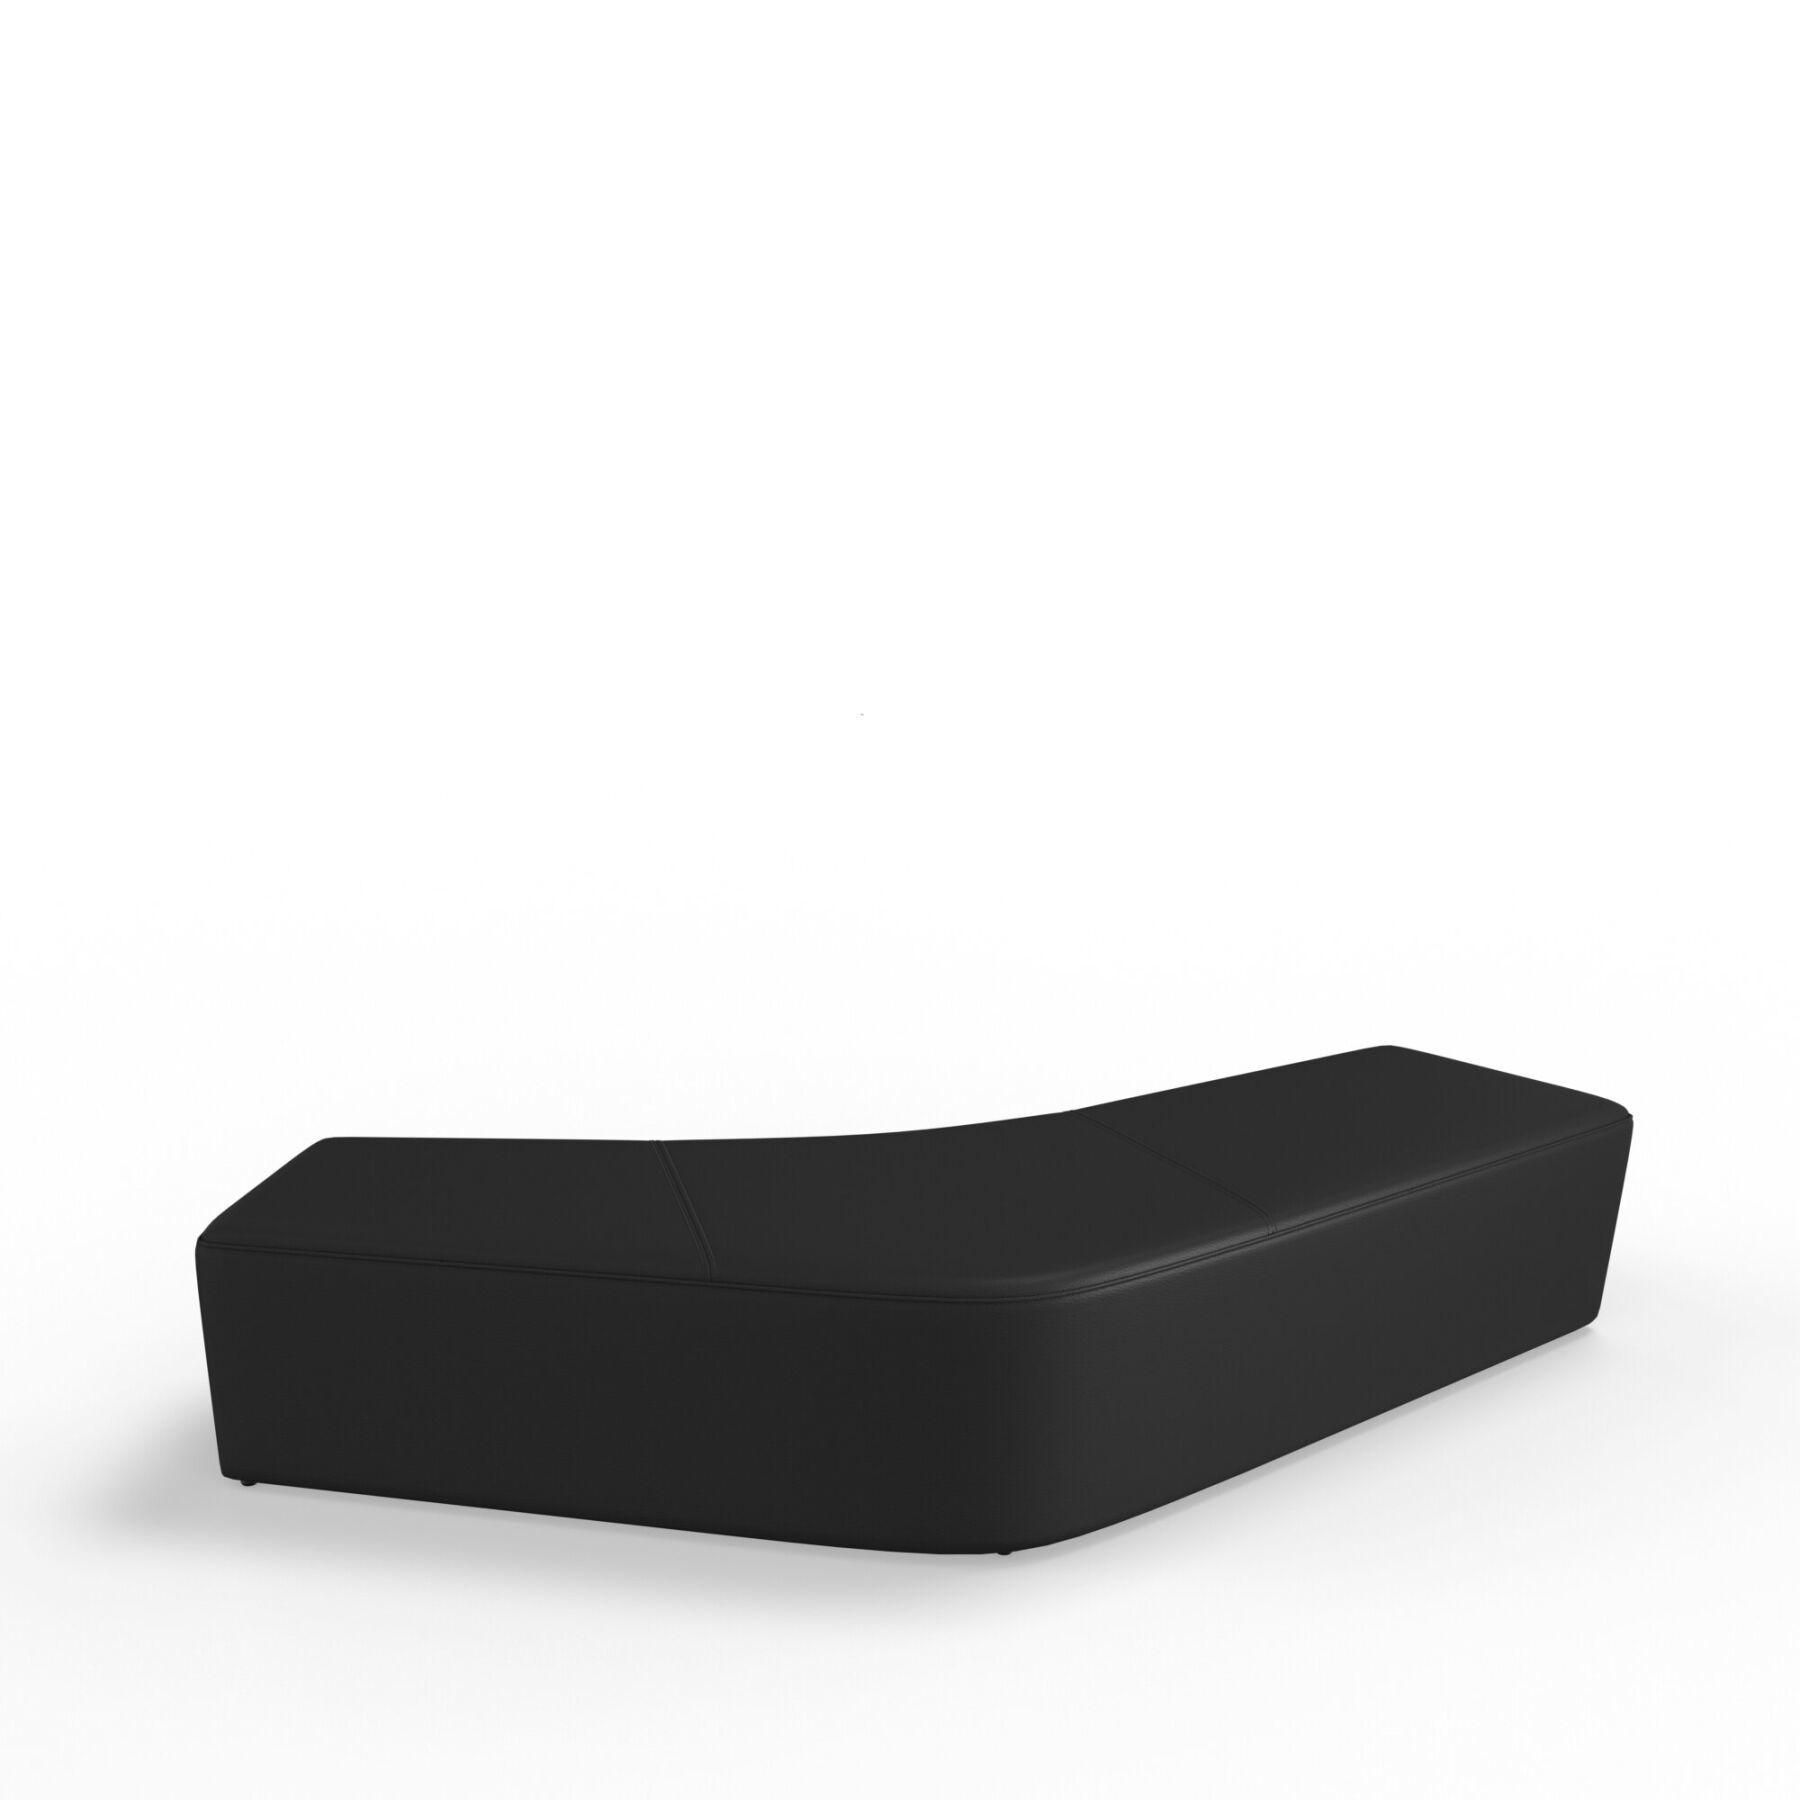 Четырехместный диван KULIK SYSTEM SLIDE_3 Экокожа Без спинки